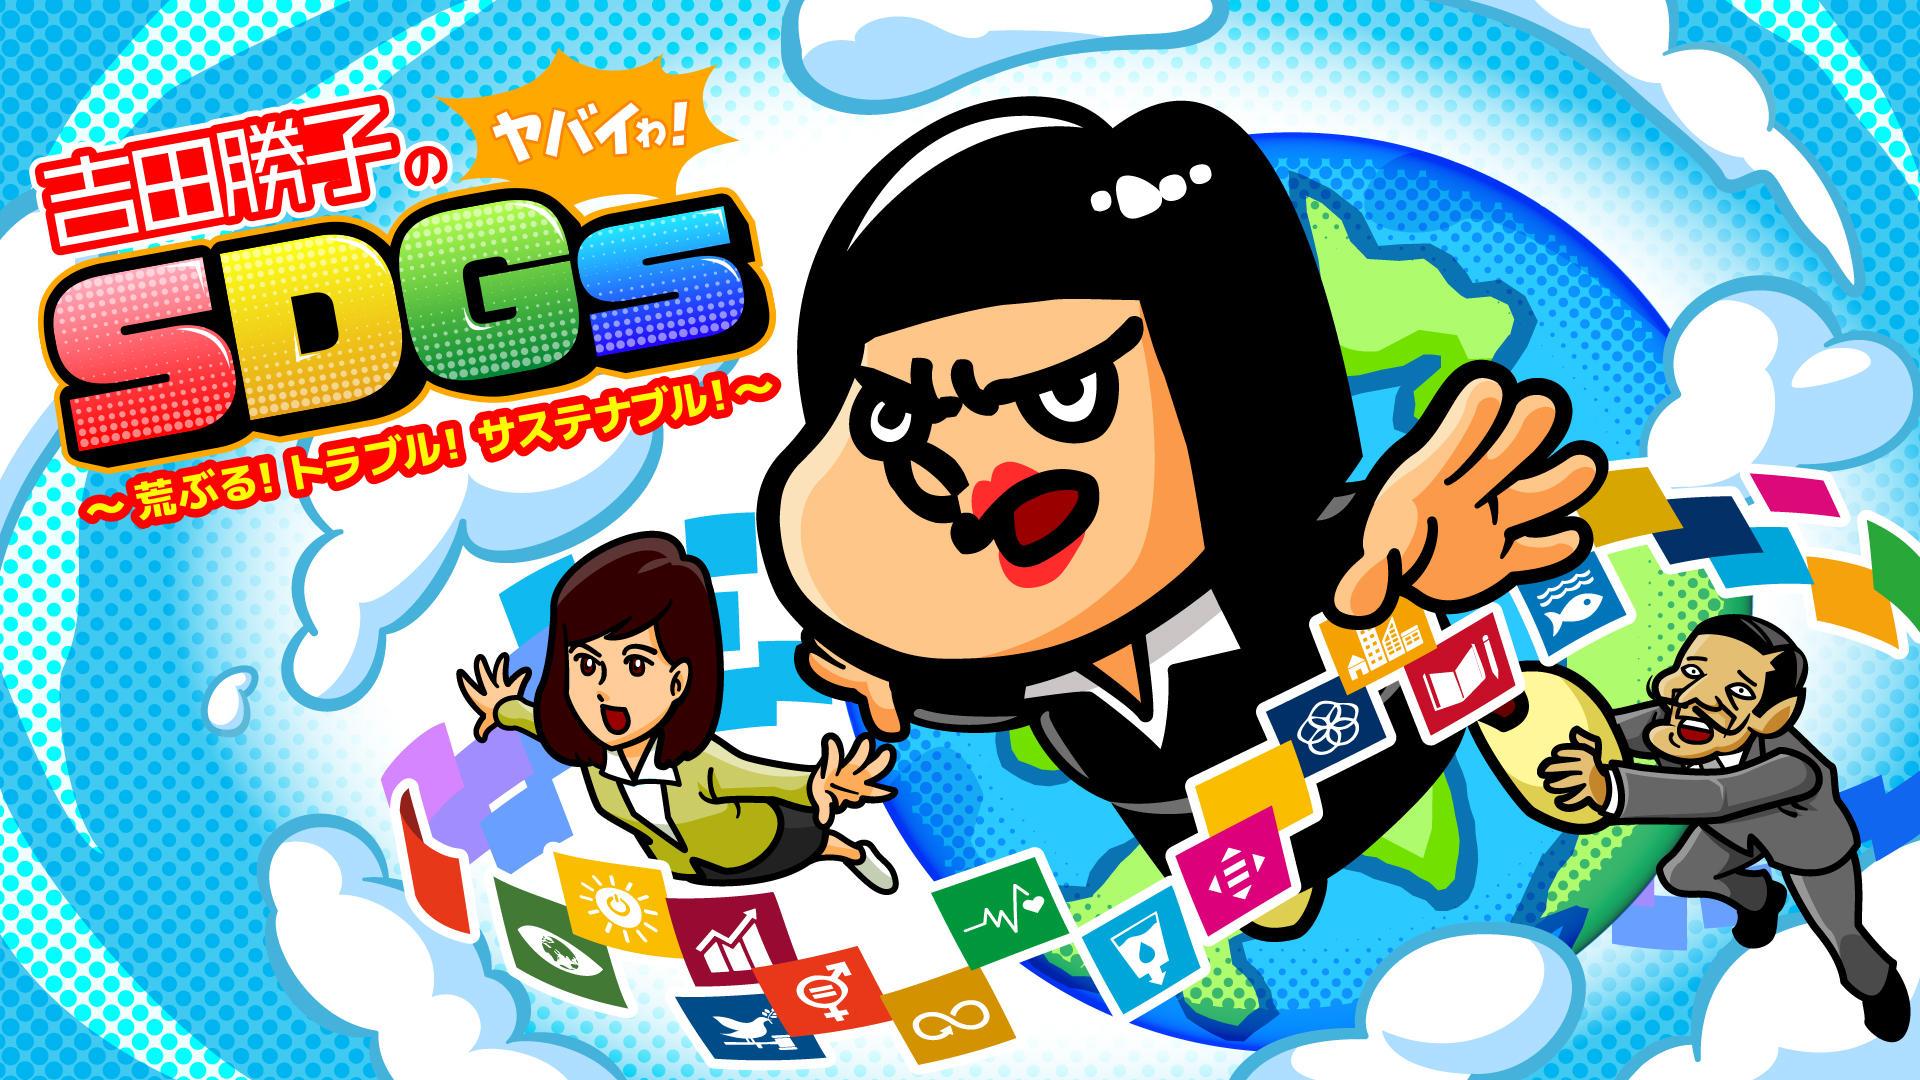 『秘密結社 鷹の爪』のスピンオフアニメ 世界征服の次は『SDGs』!? ABCテレビにて10月4日から放送スタート!!!!